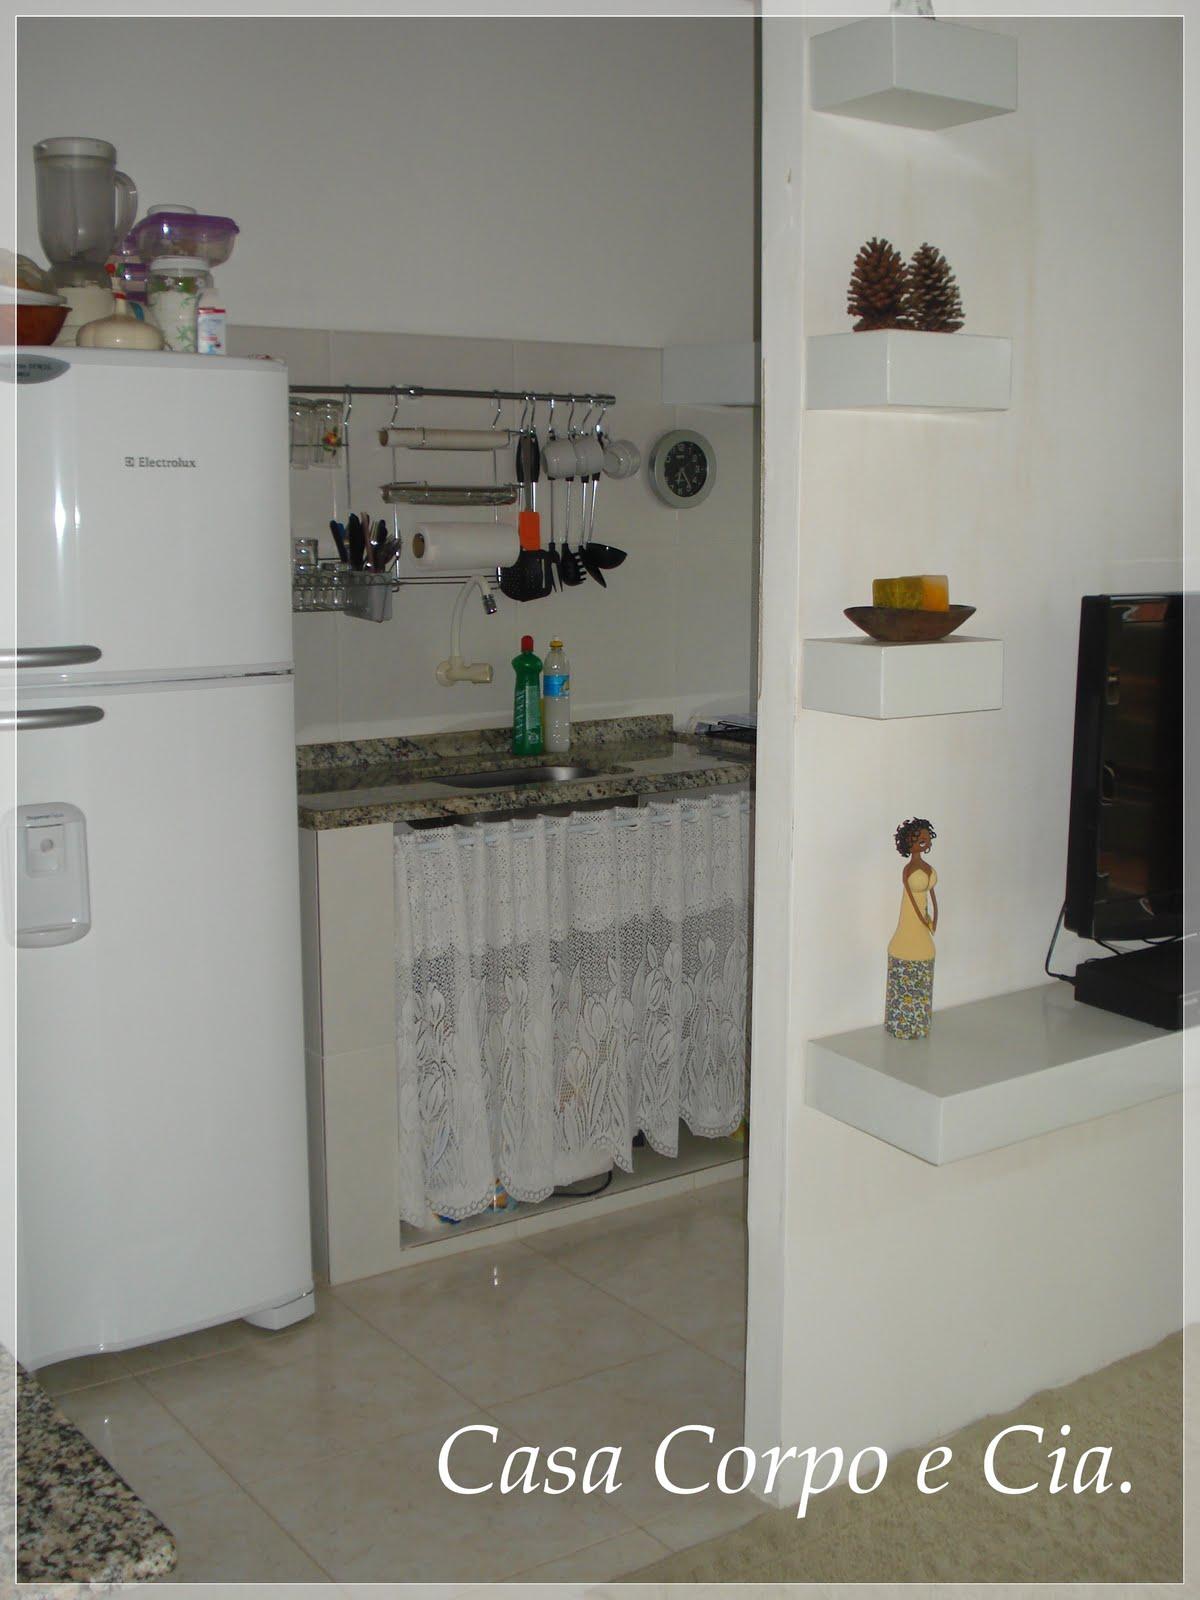 #5E4C39 Minha Varanda E Agora Vou Mostrar A Minha Cozinha Rea De Servi O 1200x1600 px Armario De Cozinha Monaco Casas Bahia_1650 Imagens